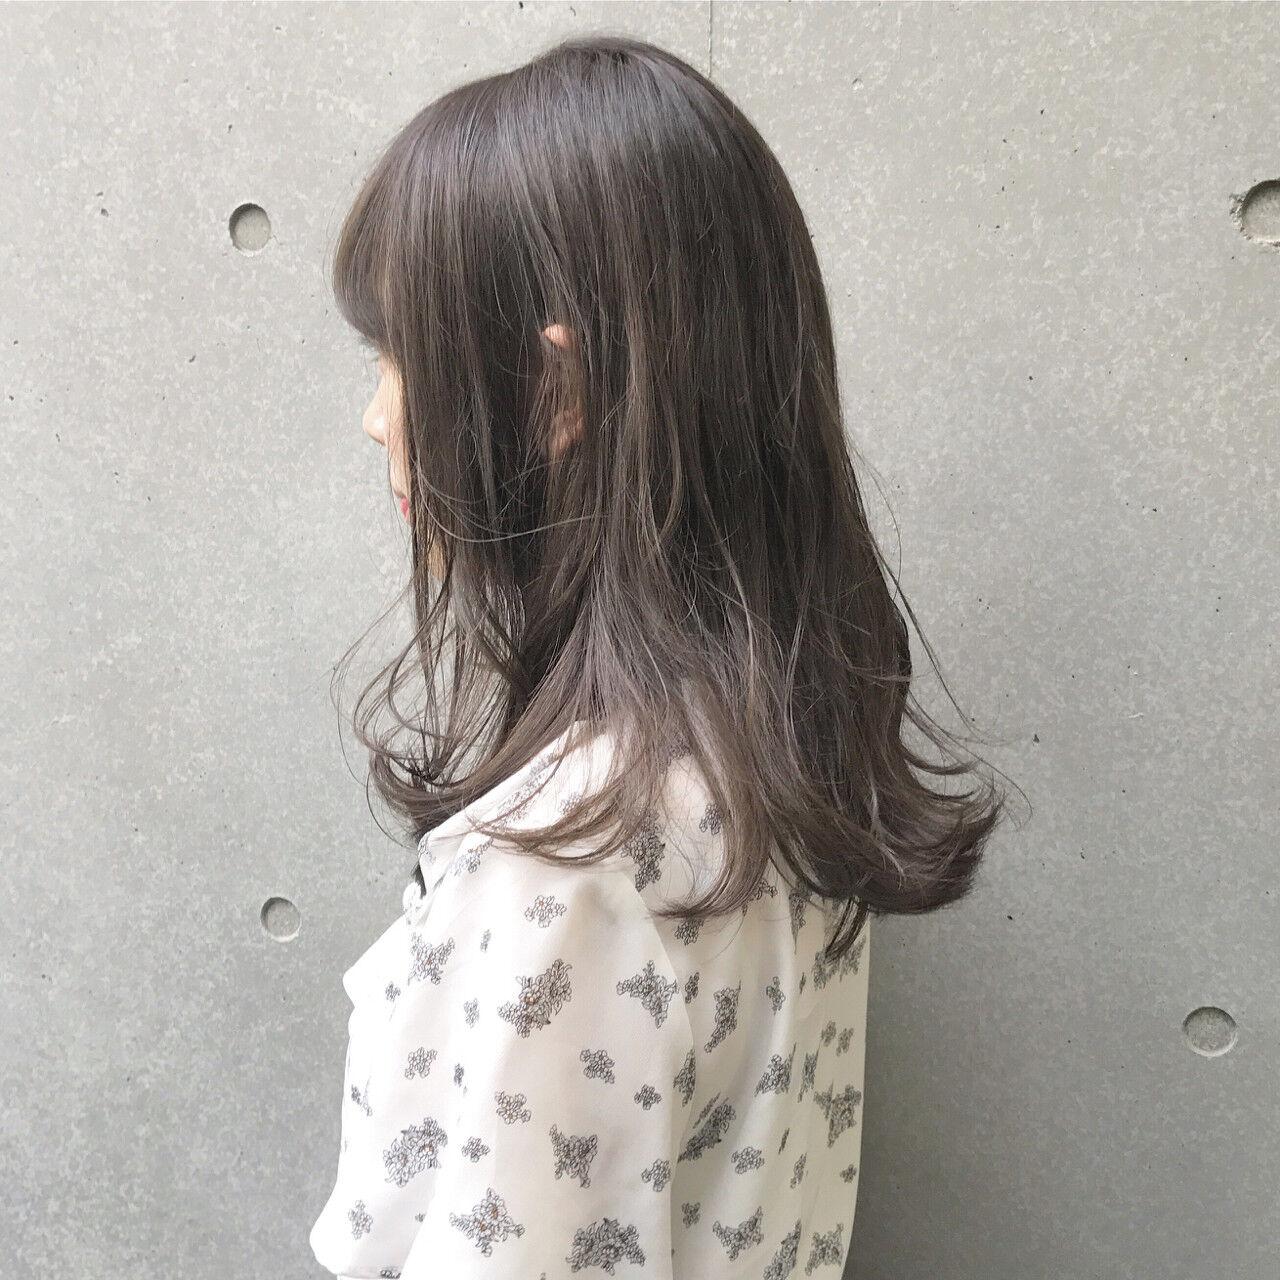 アッシュグレー ナチュラル グレージュ セミロングヘアスタイルや髪型の写真・画像